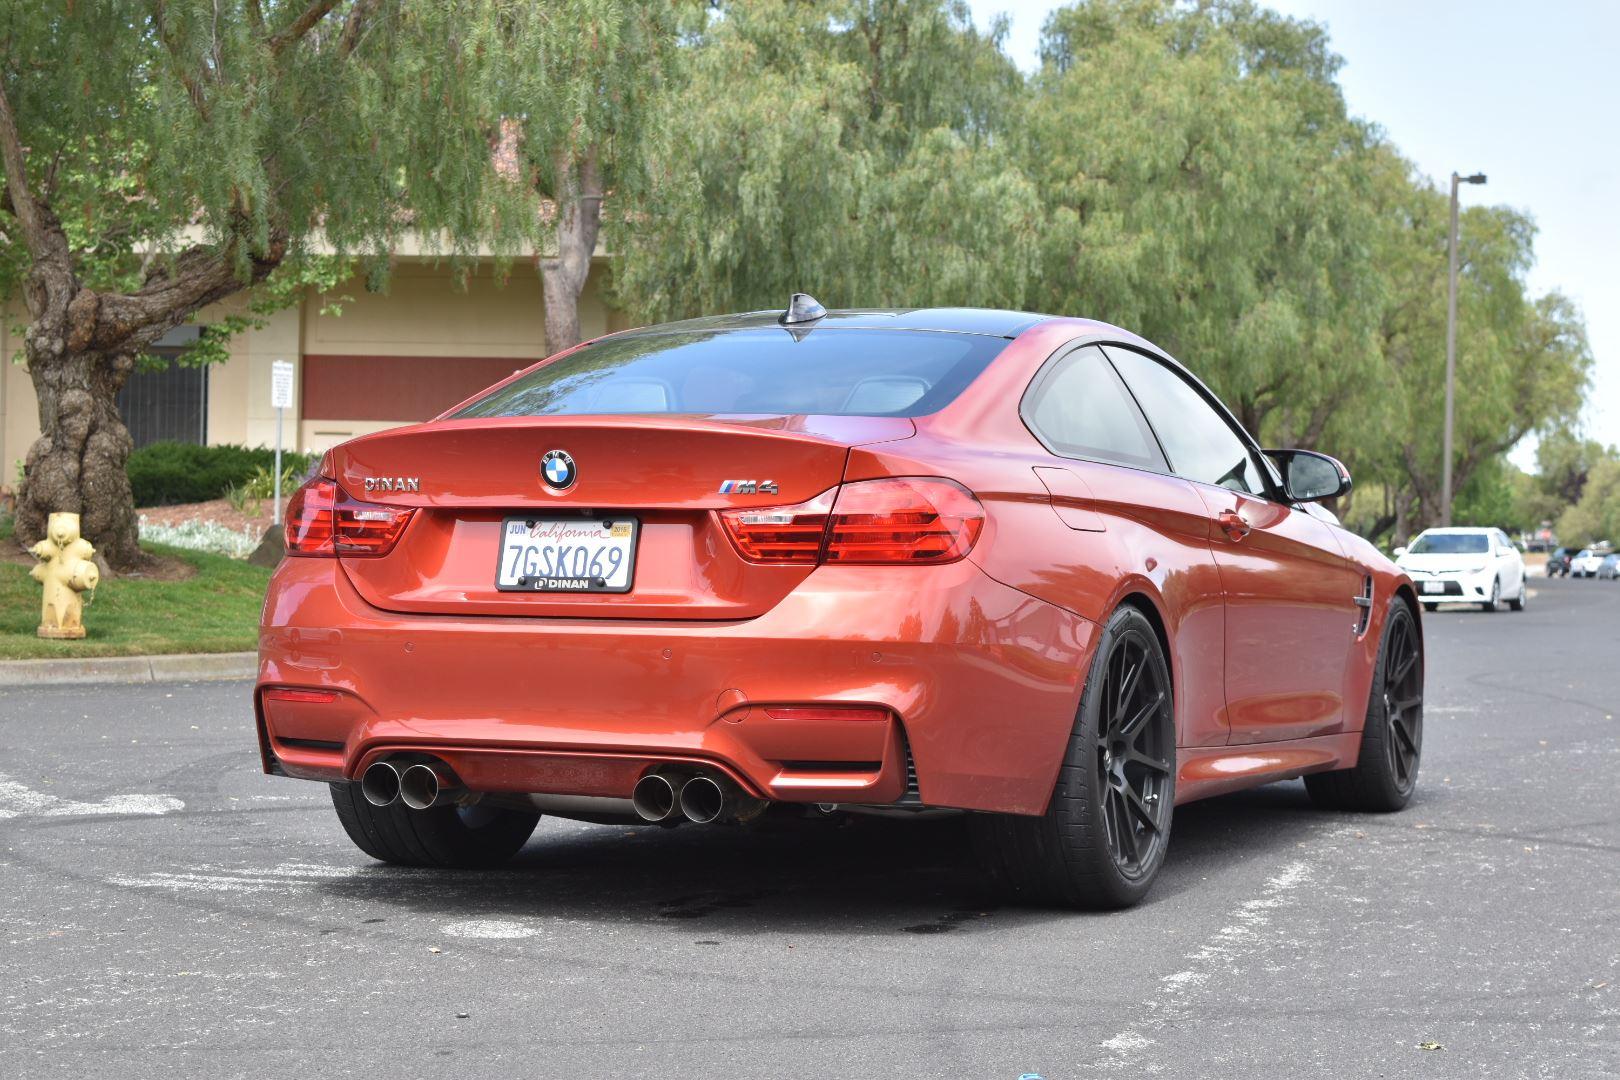 BMW M4 by Dinan